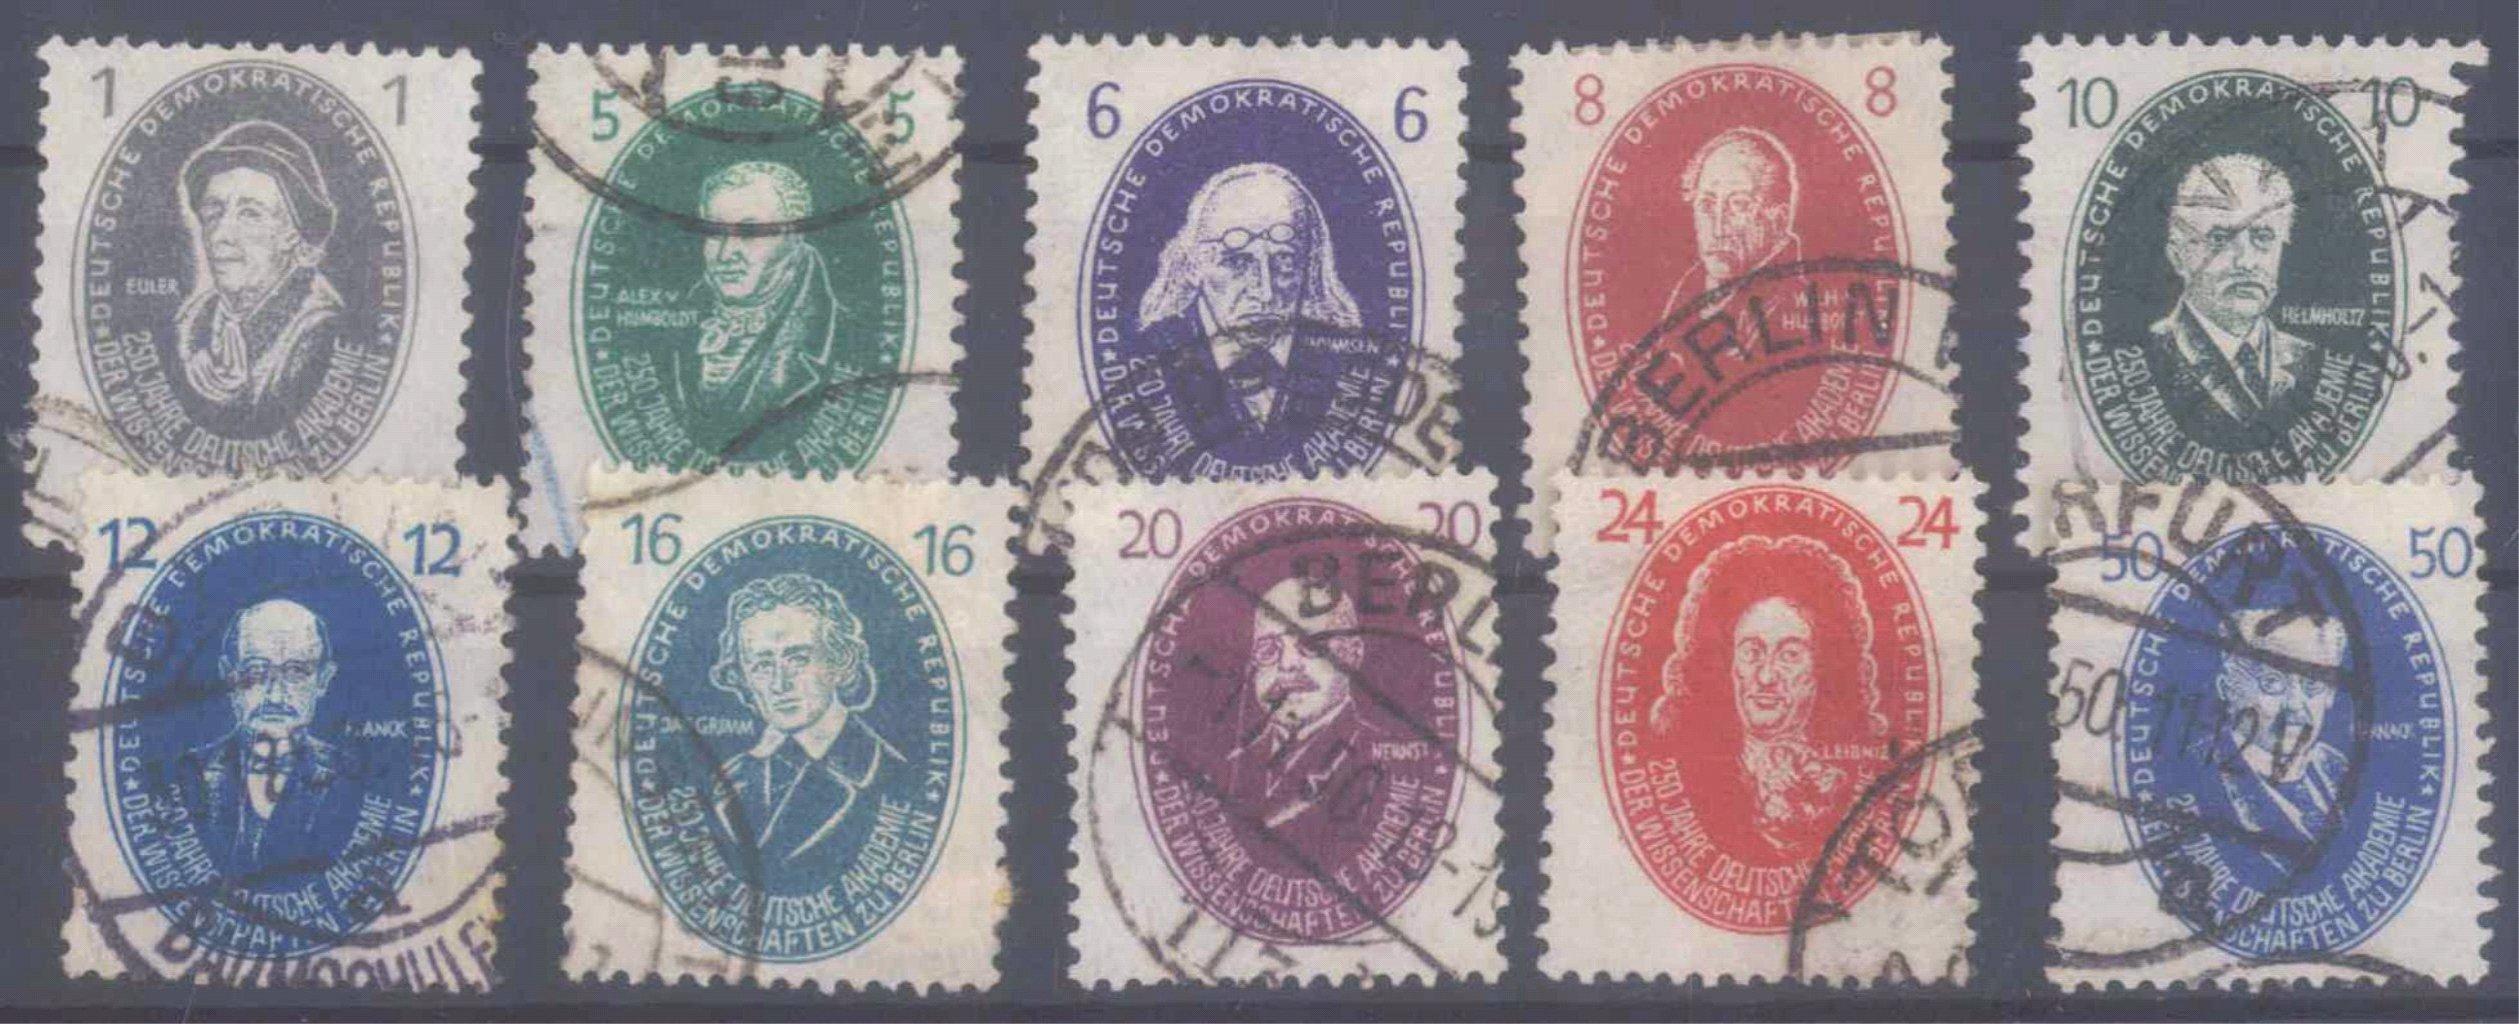 DDR 1950, Michel 261-270